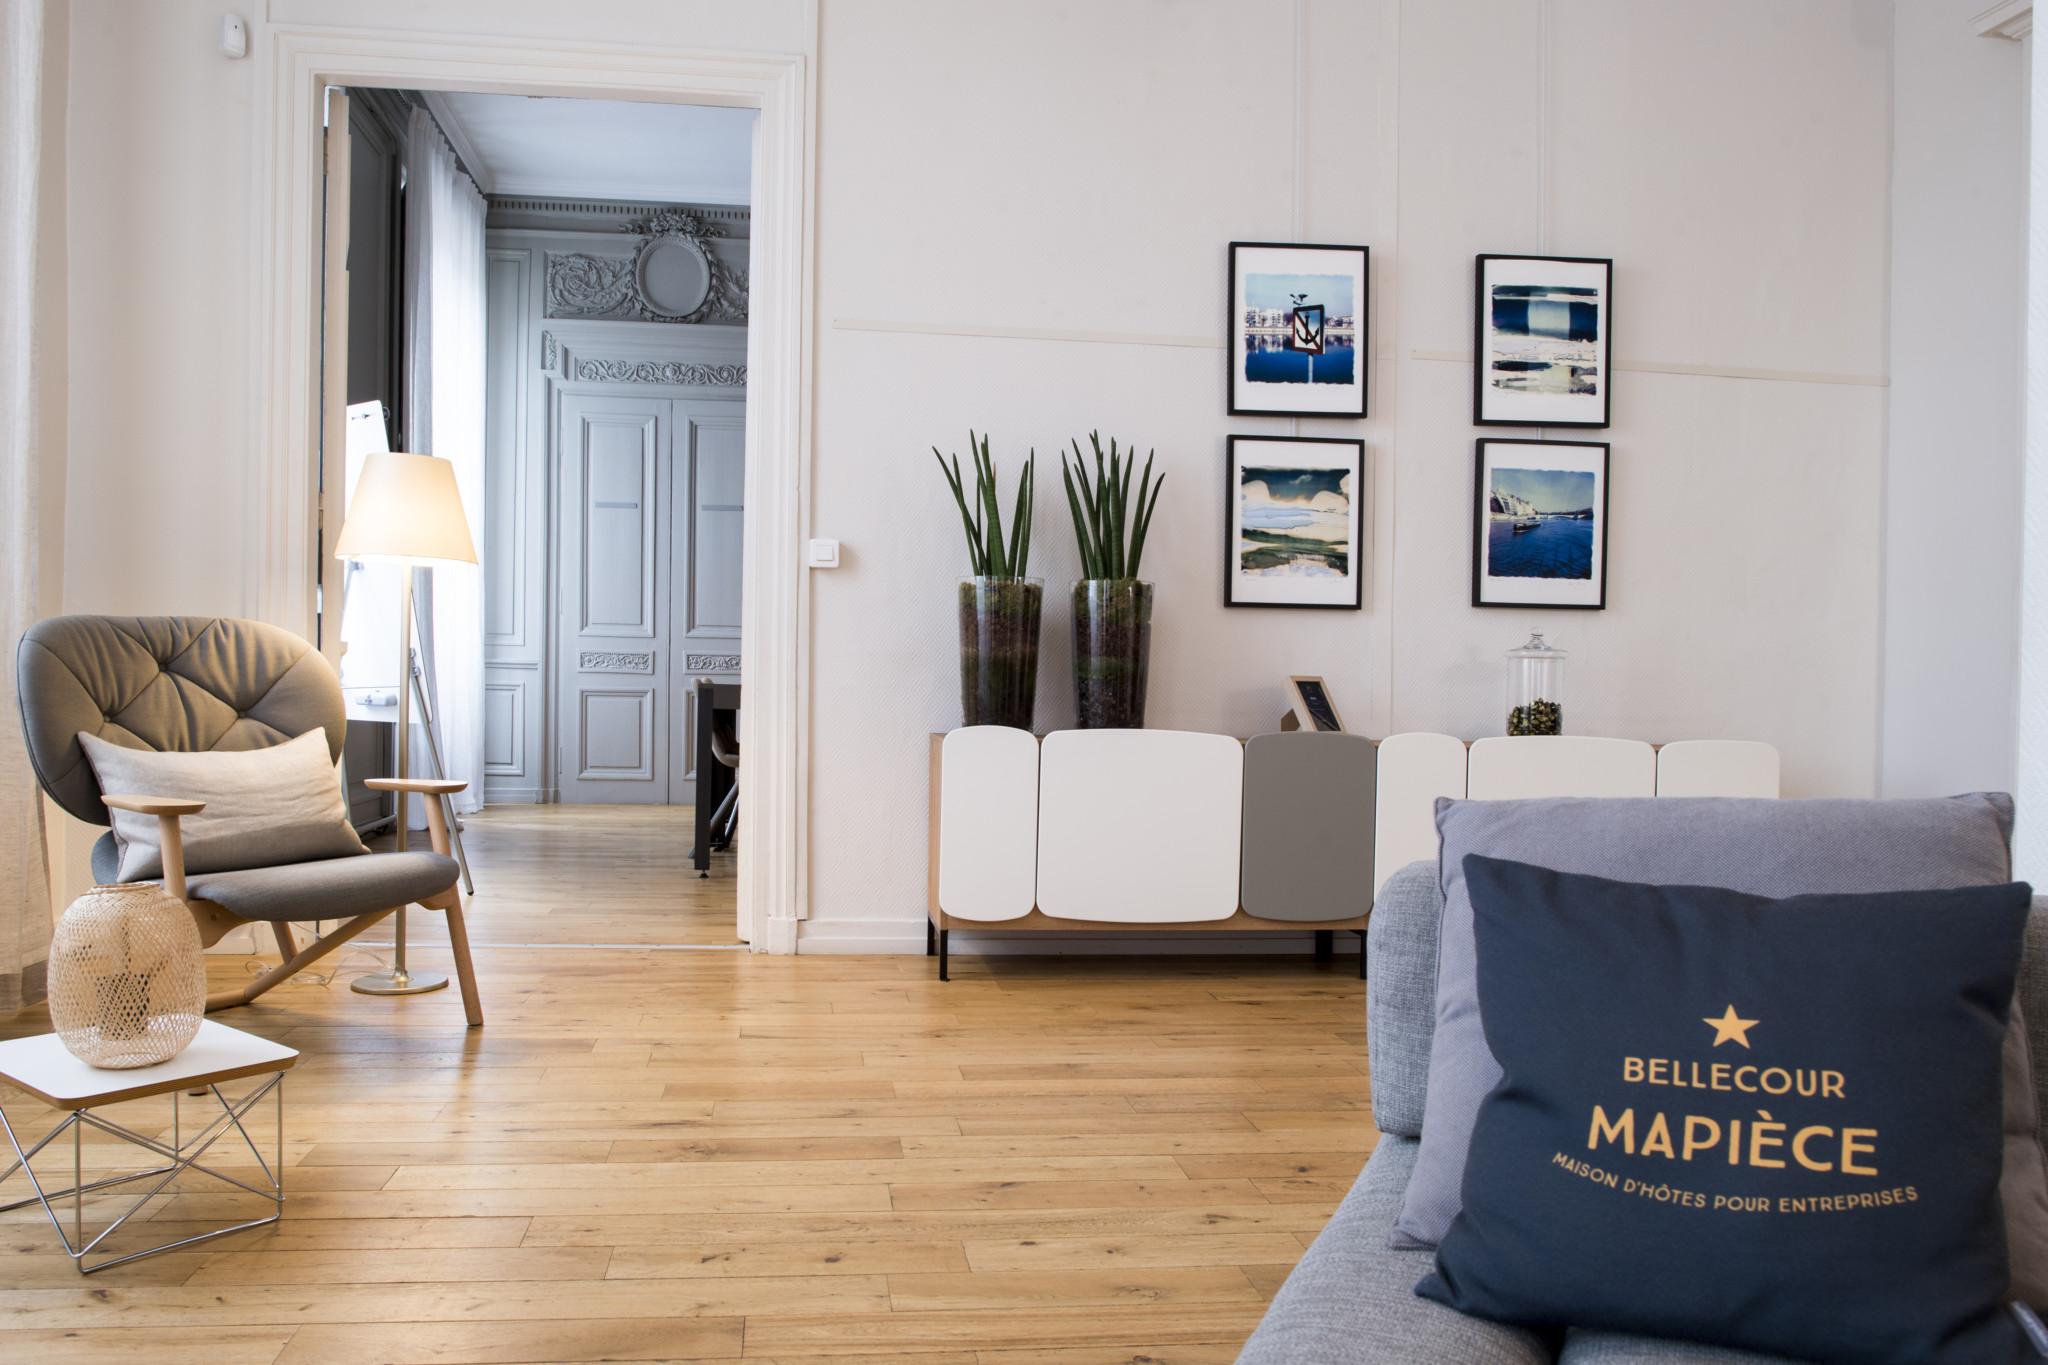 maison d 39 h tes pour entreprises un concept exclusif et id al pour r ussir vos v nements avec. Black Bedroom Furniture Sets. Home Design Ideas